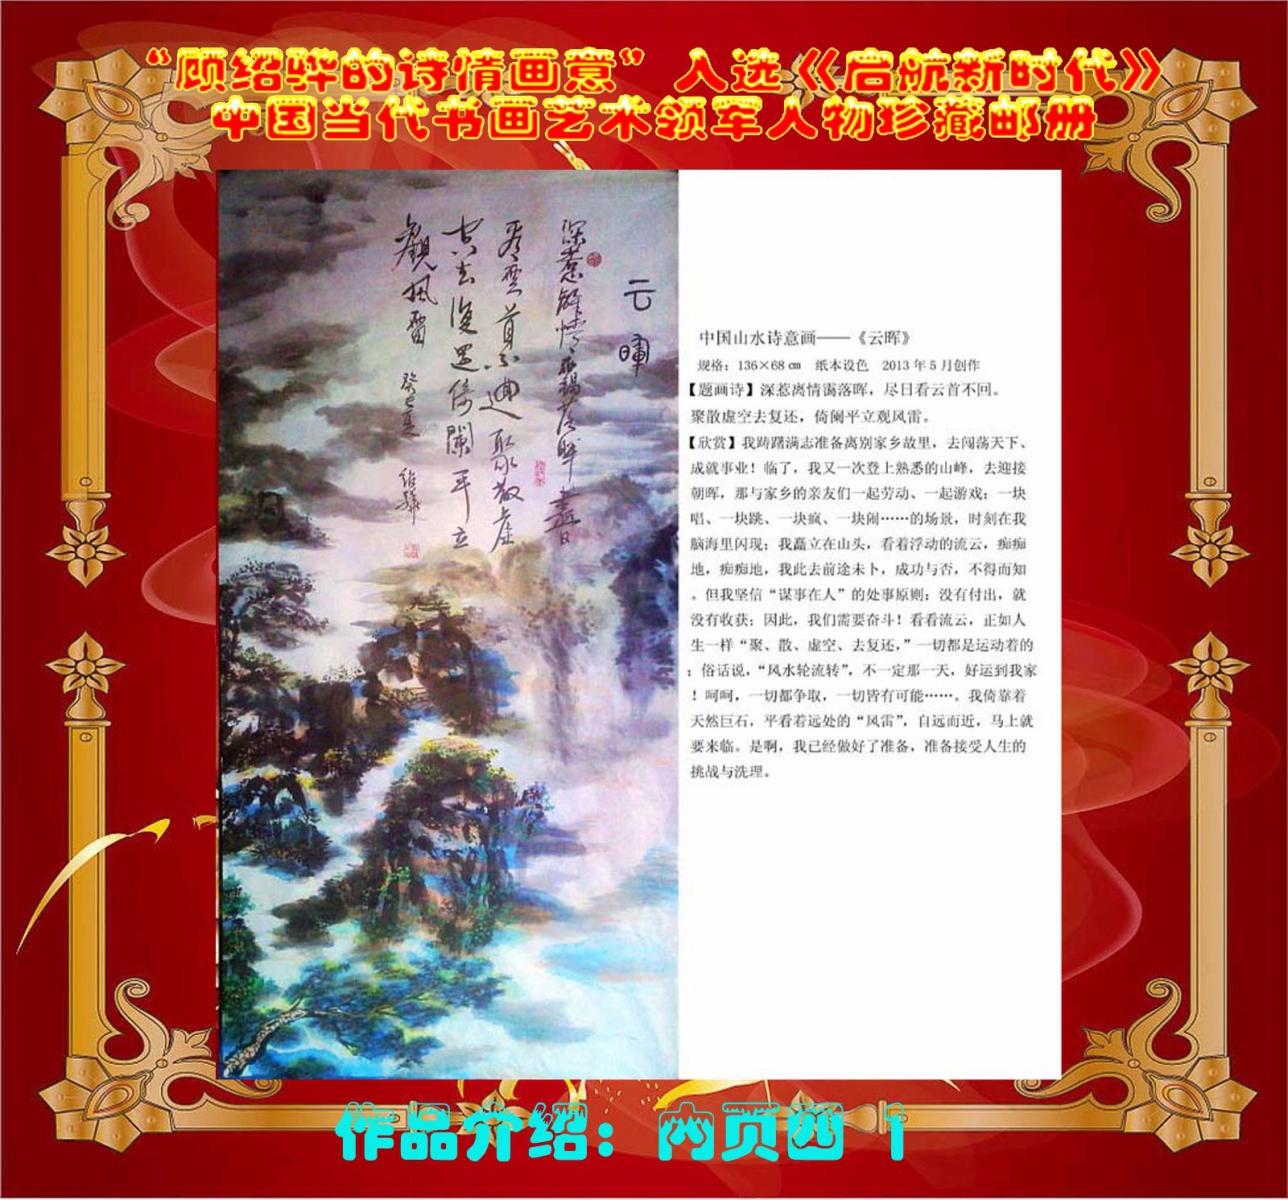 """""""顾绍骅的诗情画意""""入选《启航新时代》中国当代书画艺术领军人物珍藏集邮册 ... ..._图1-5"""